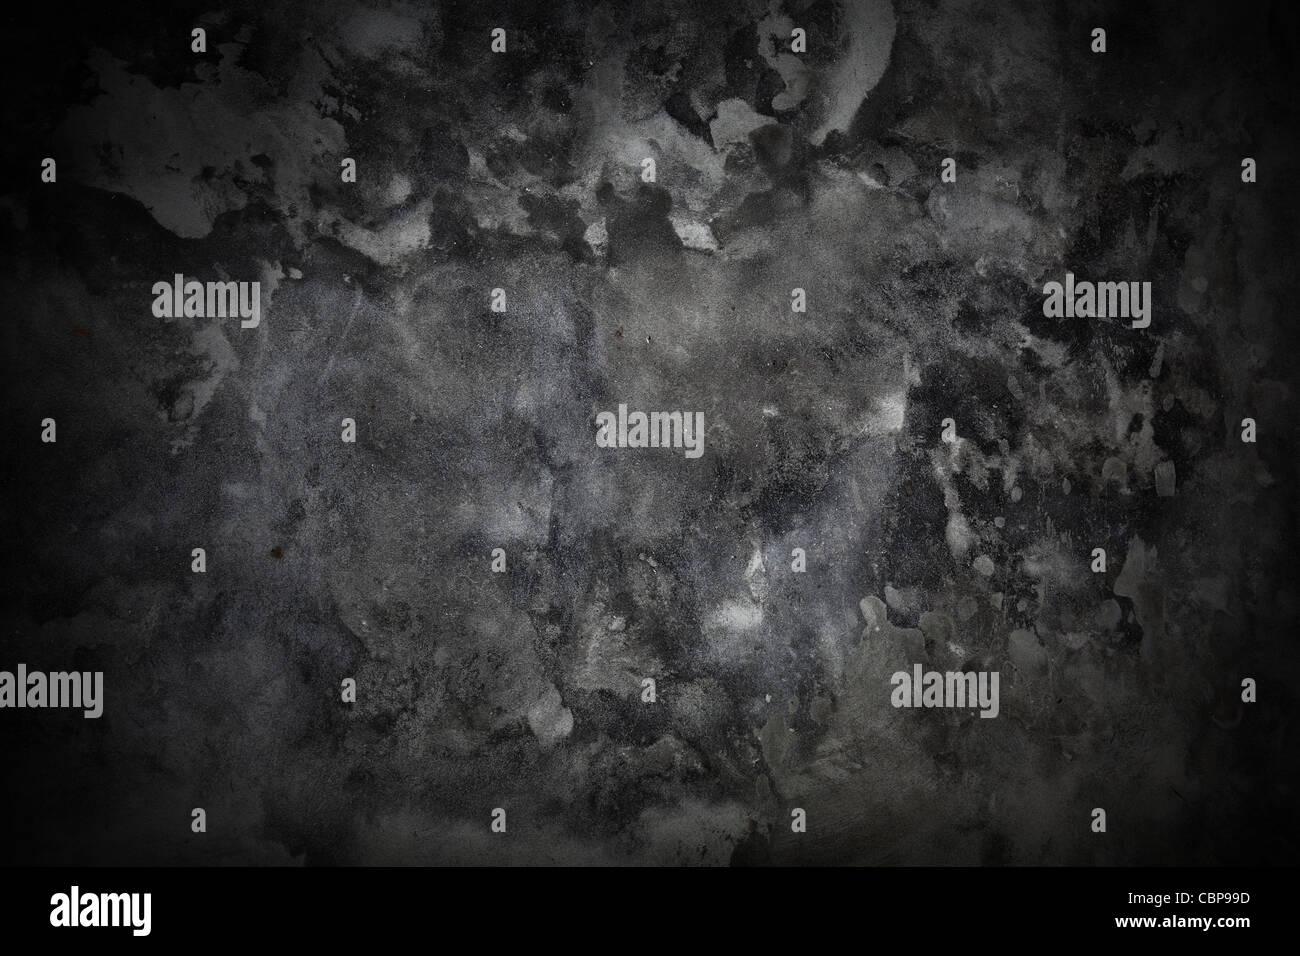 Béton gris foncé grunge texture background pour vos illustrations Photo Stock